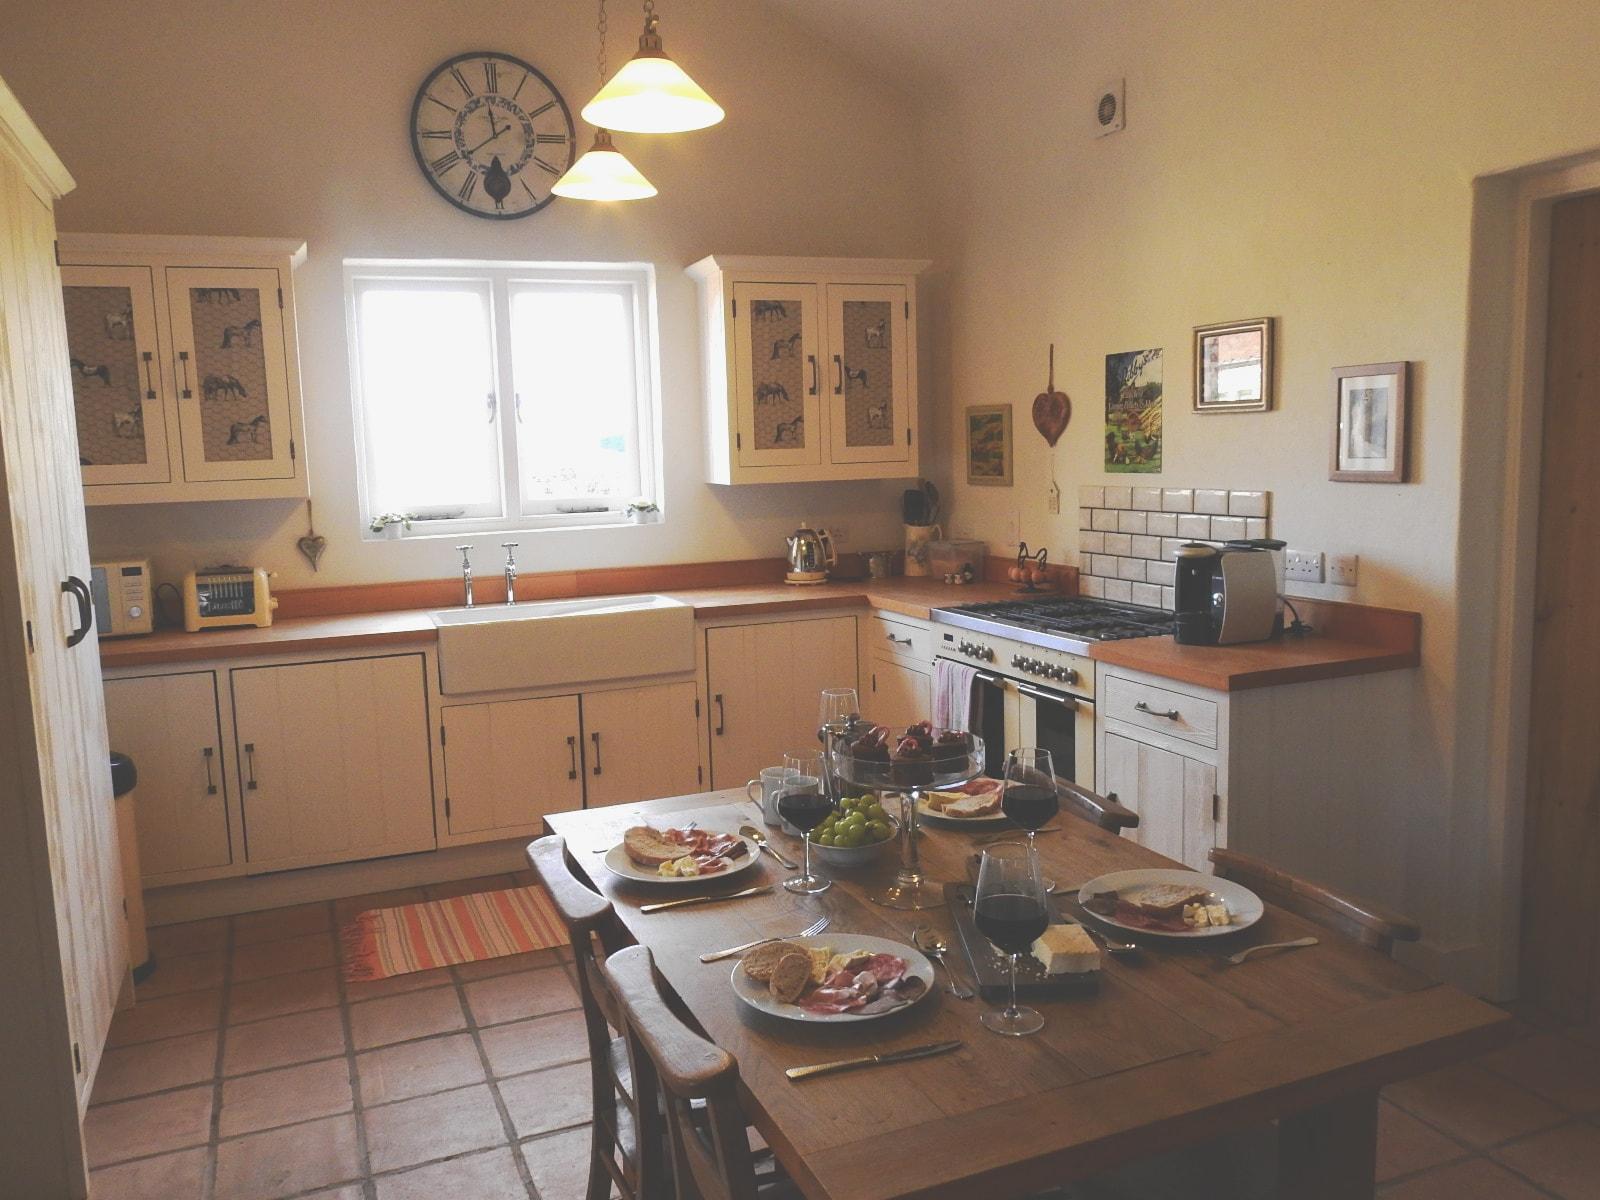 kitchen5-min